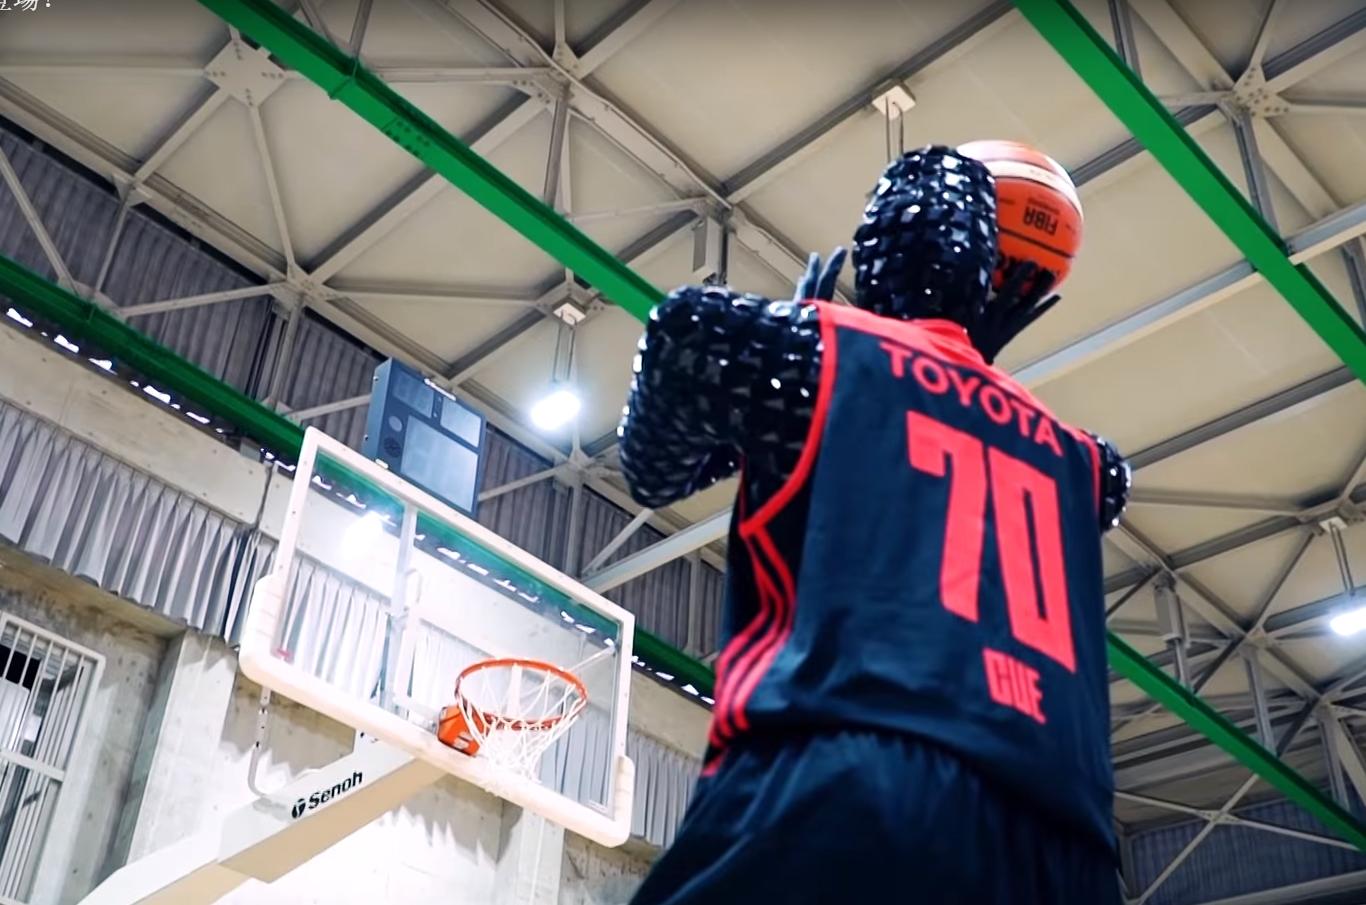 Basketbolçu robot atışları insandan daha dəqiq yerinə yetirir